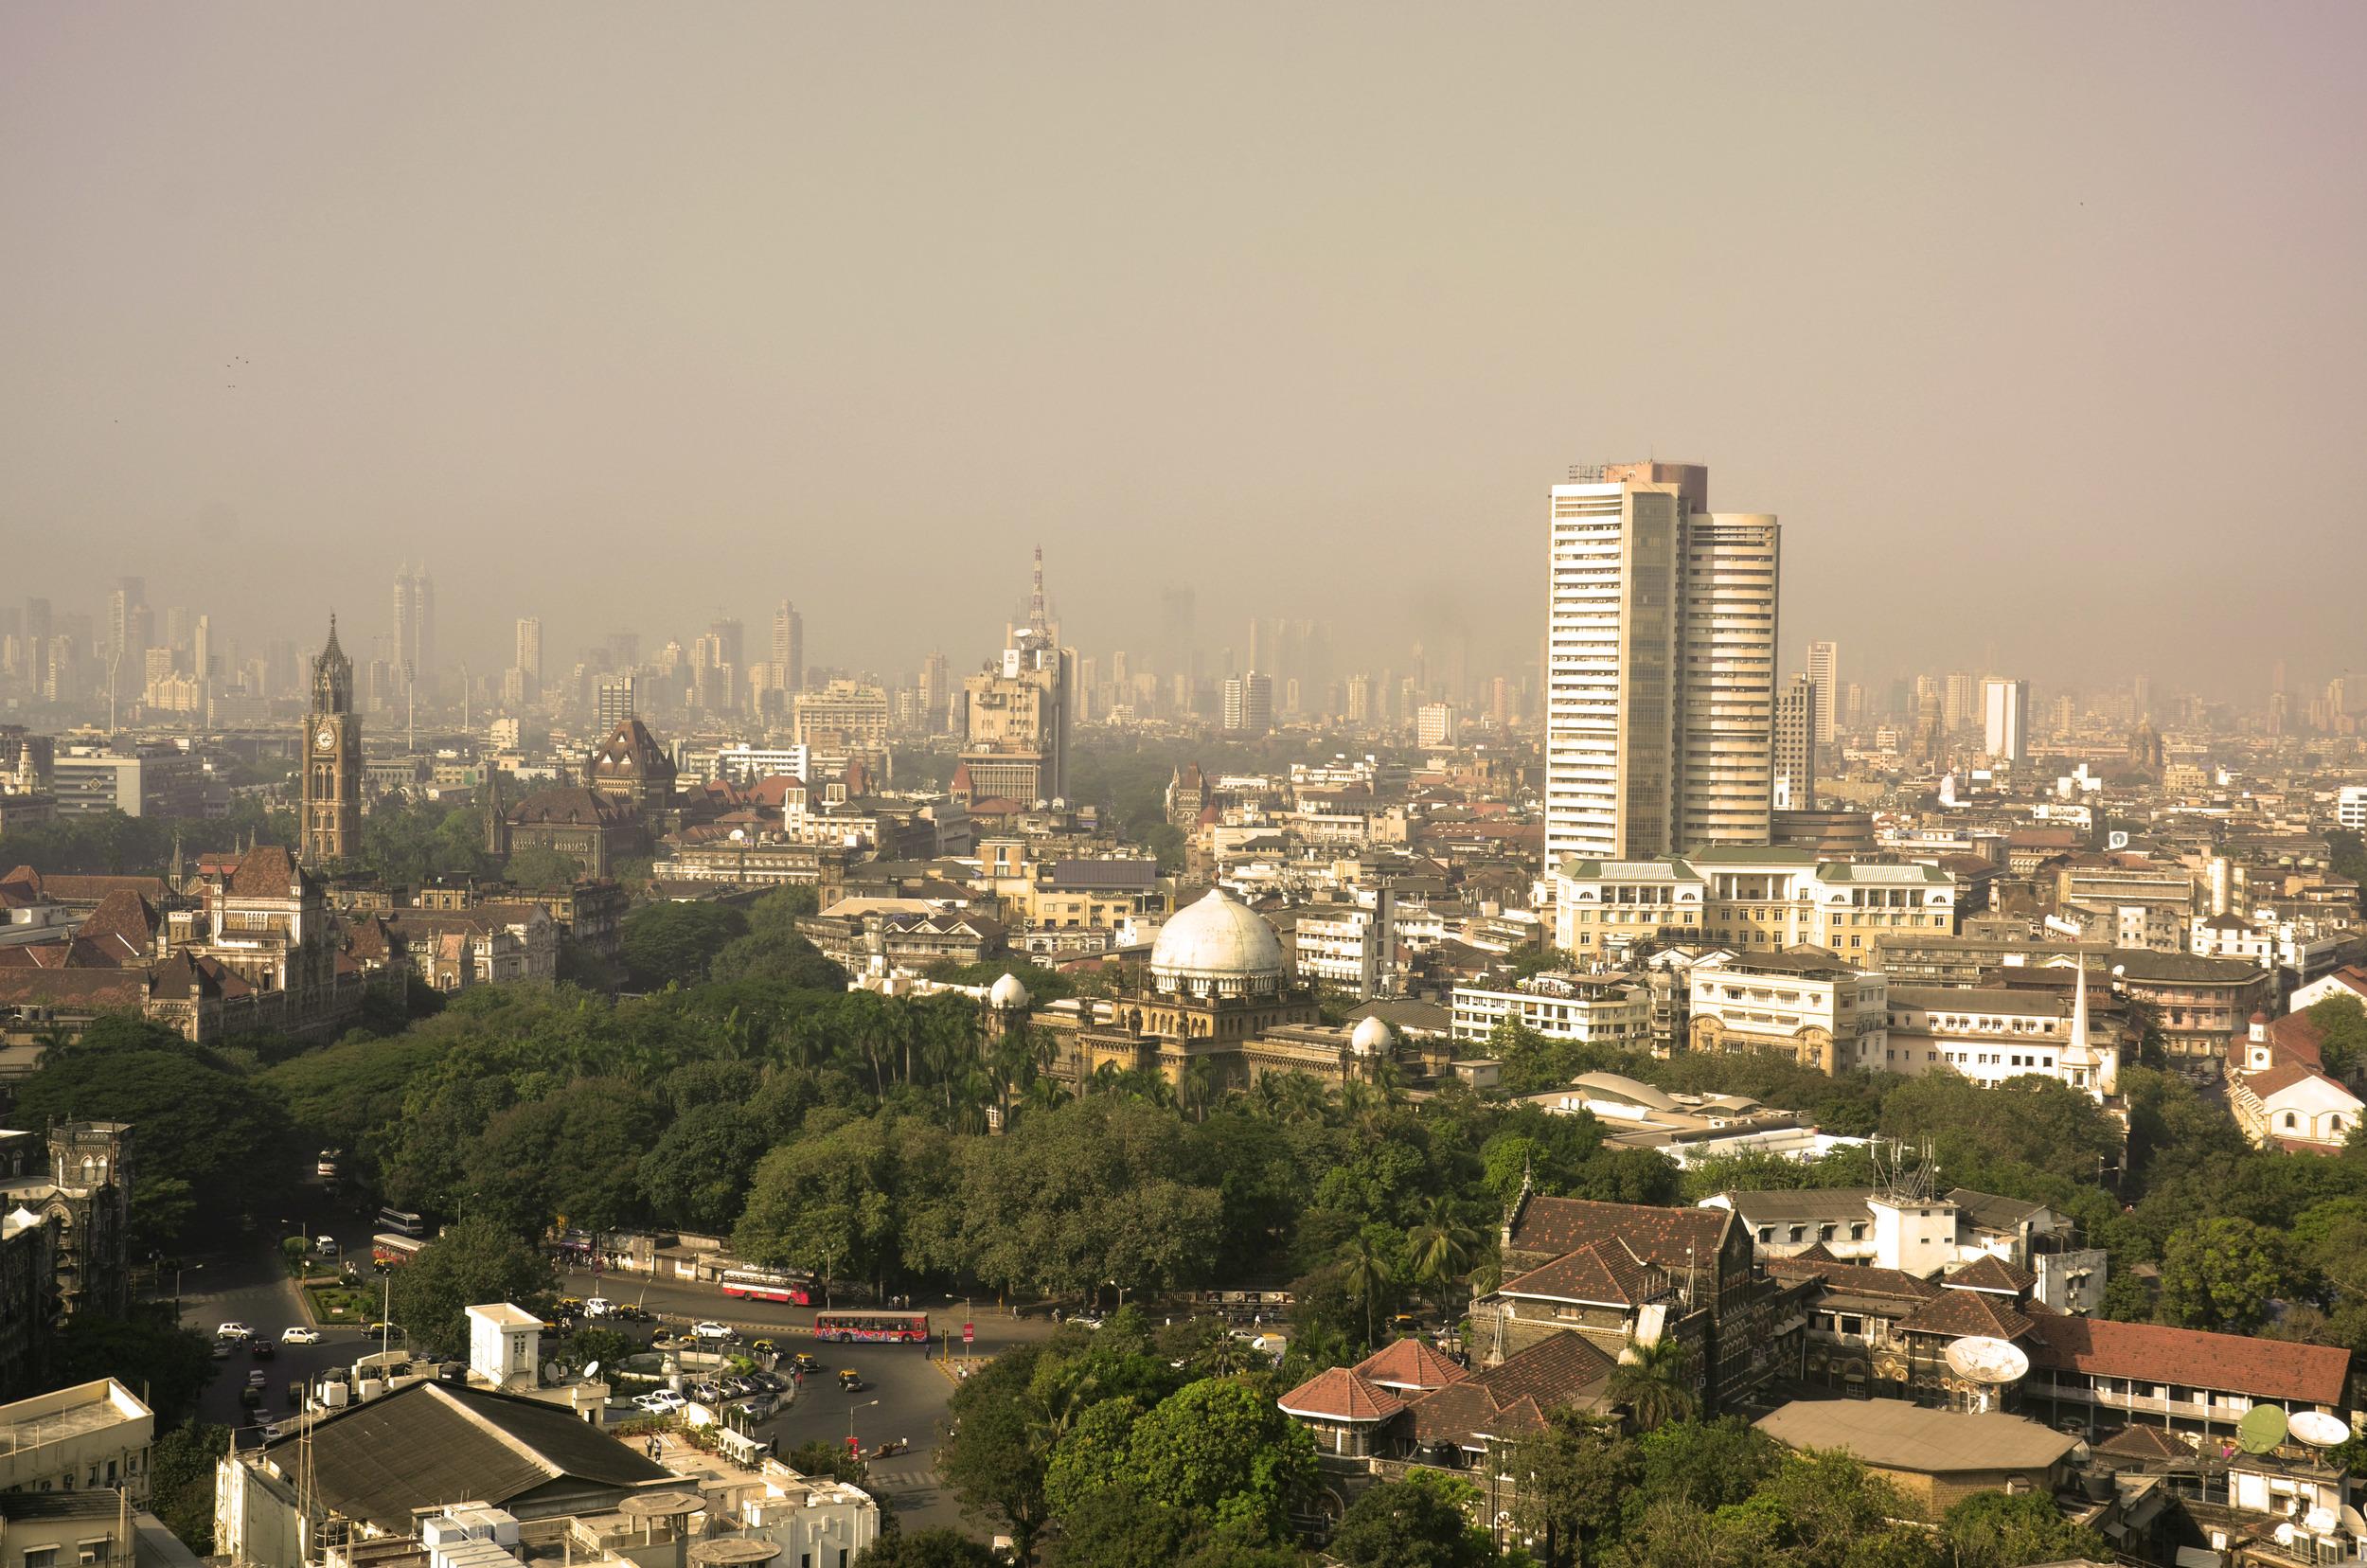 Mumbai from the Taj Hotel